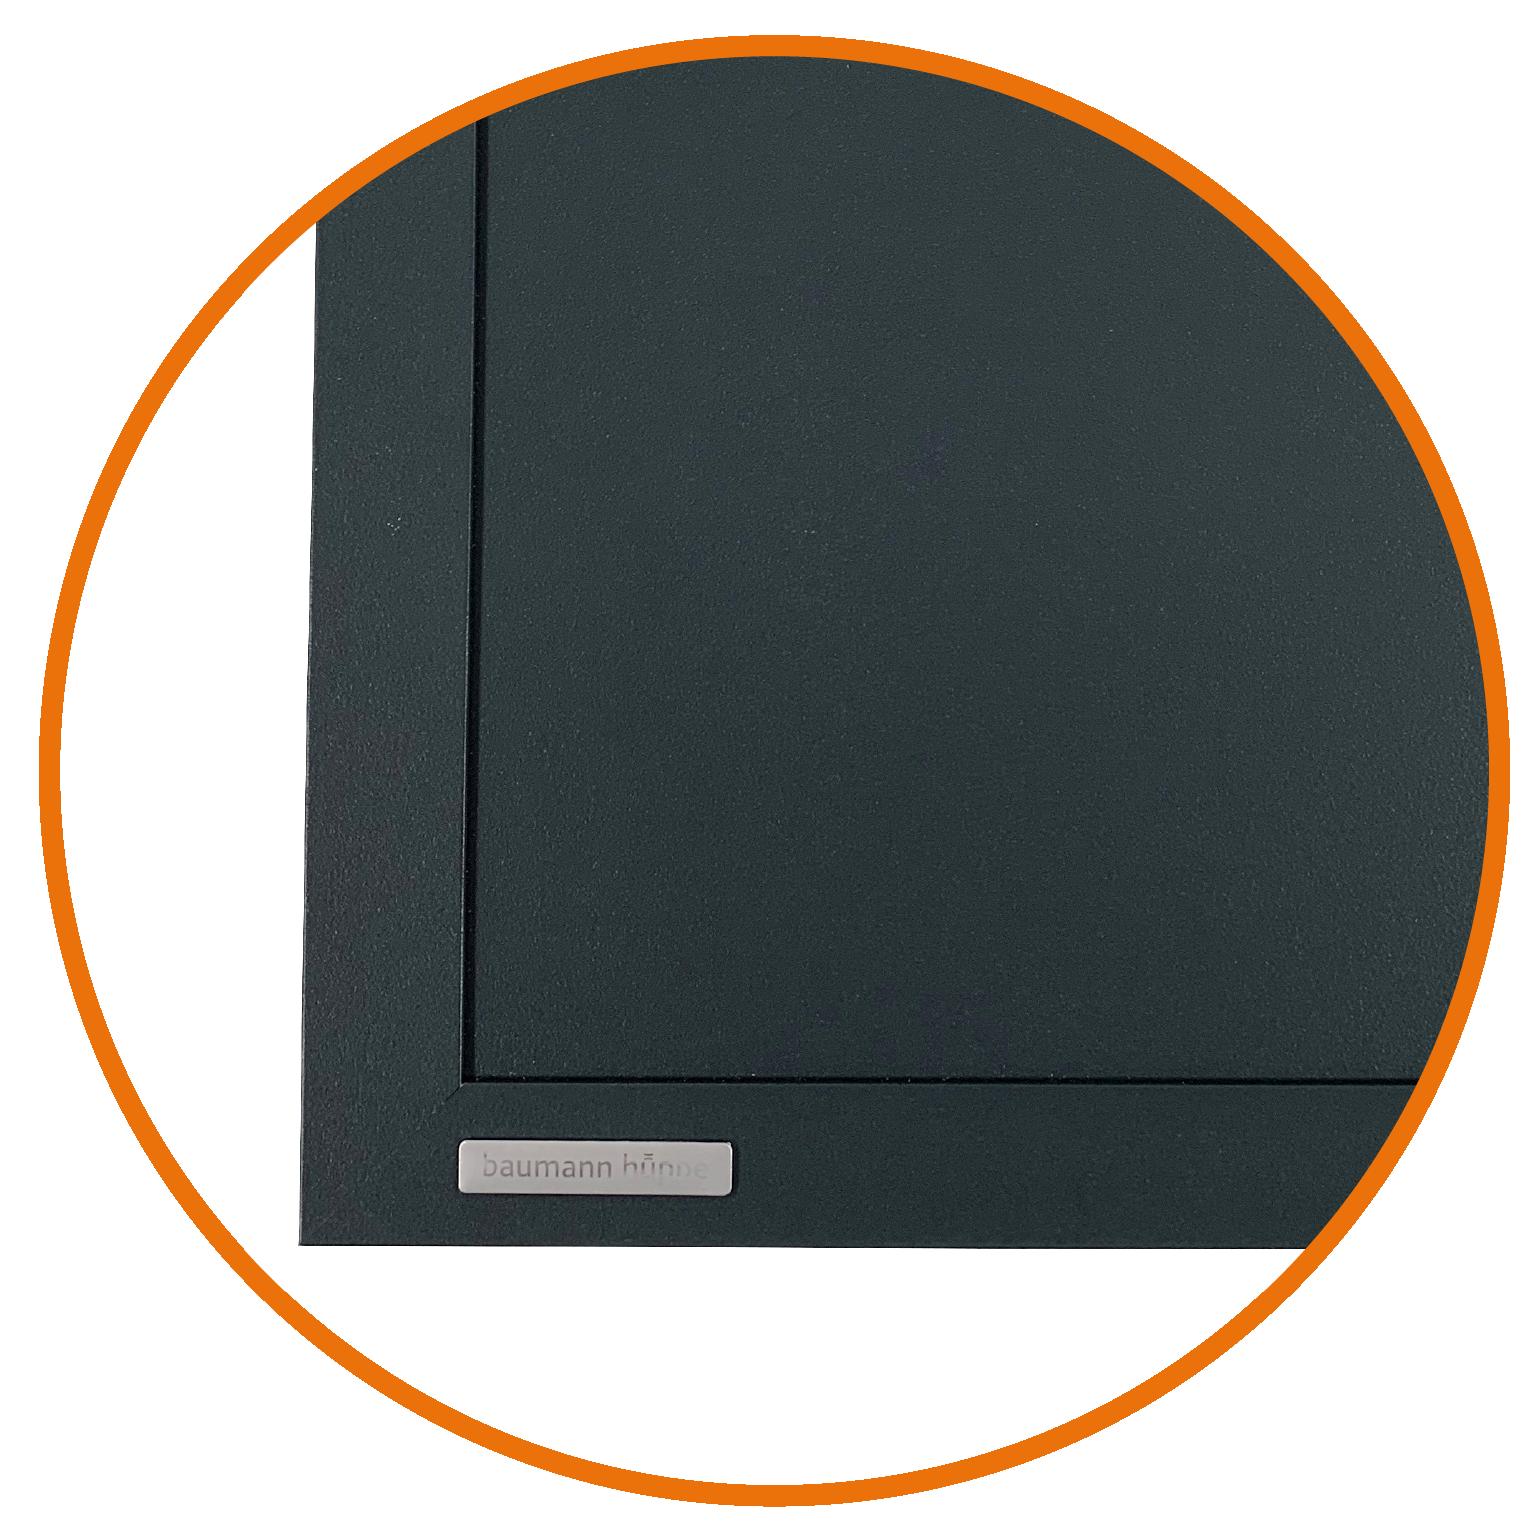 Modèle présenté : ISOS CLASSIC panneau lisse.